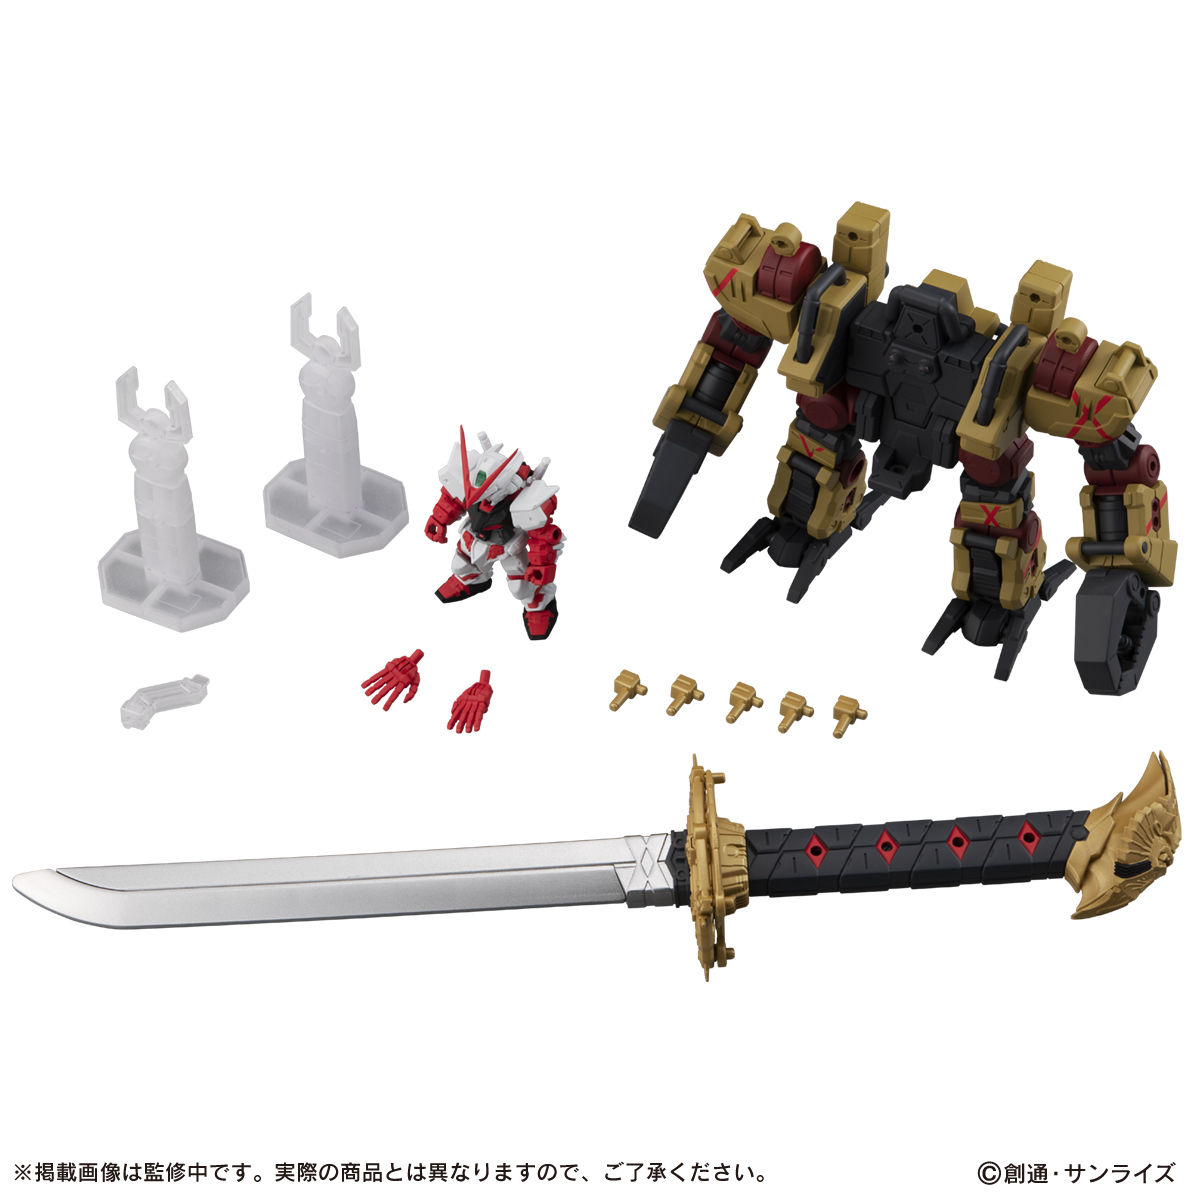 機動戦士ガンダム『MOBILE SUIT ENSEMBLE19』デフォルメ可動フィギュア 10個入りBOX-017